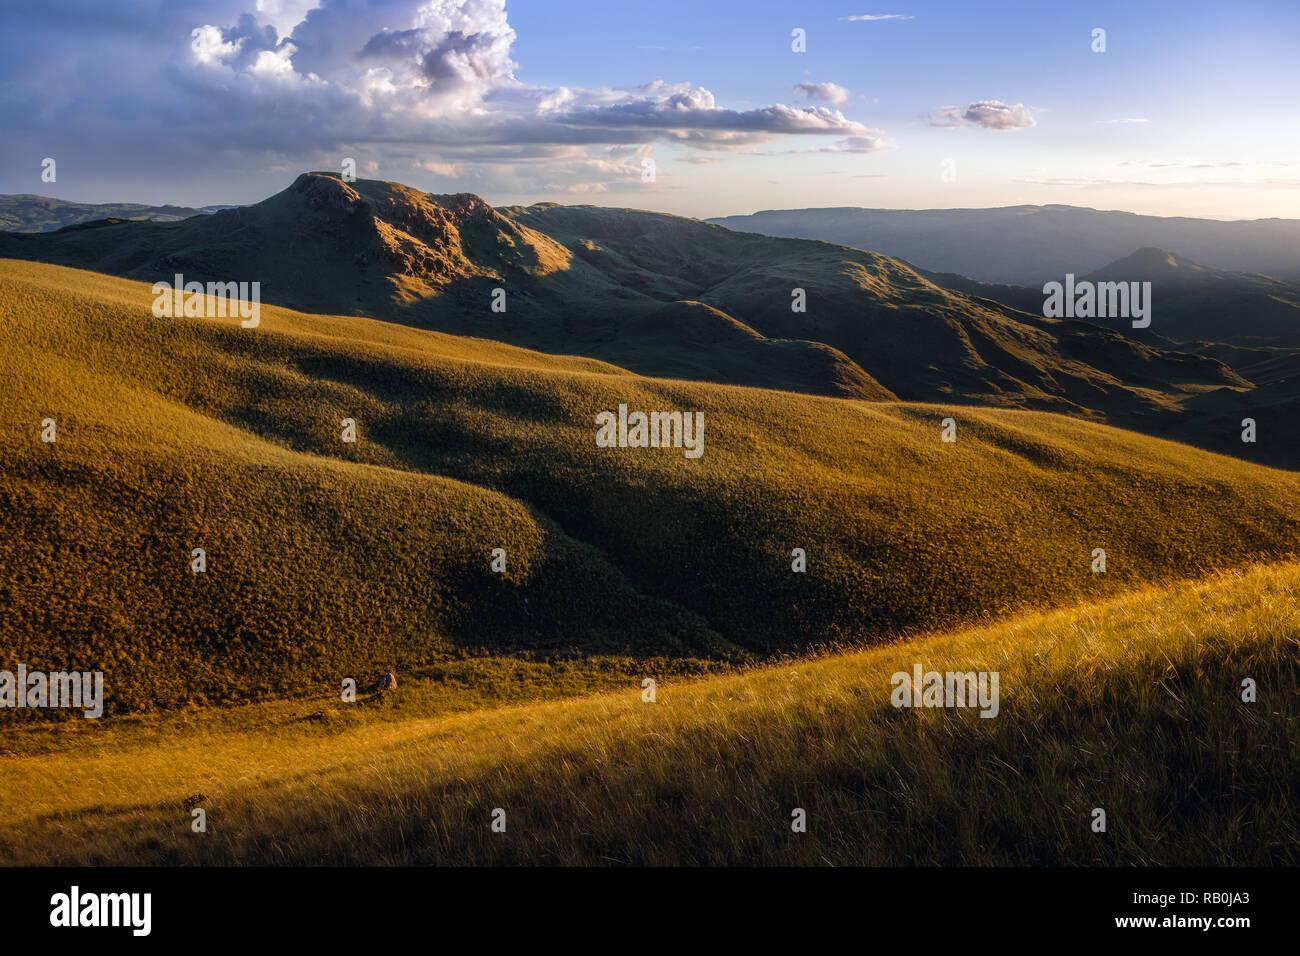 Golden ore di luce che bagna le montagne di Calobre, Panama Immagini Stock